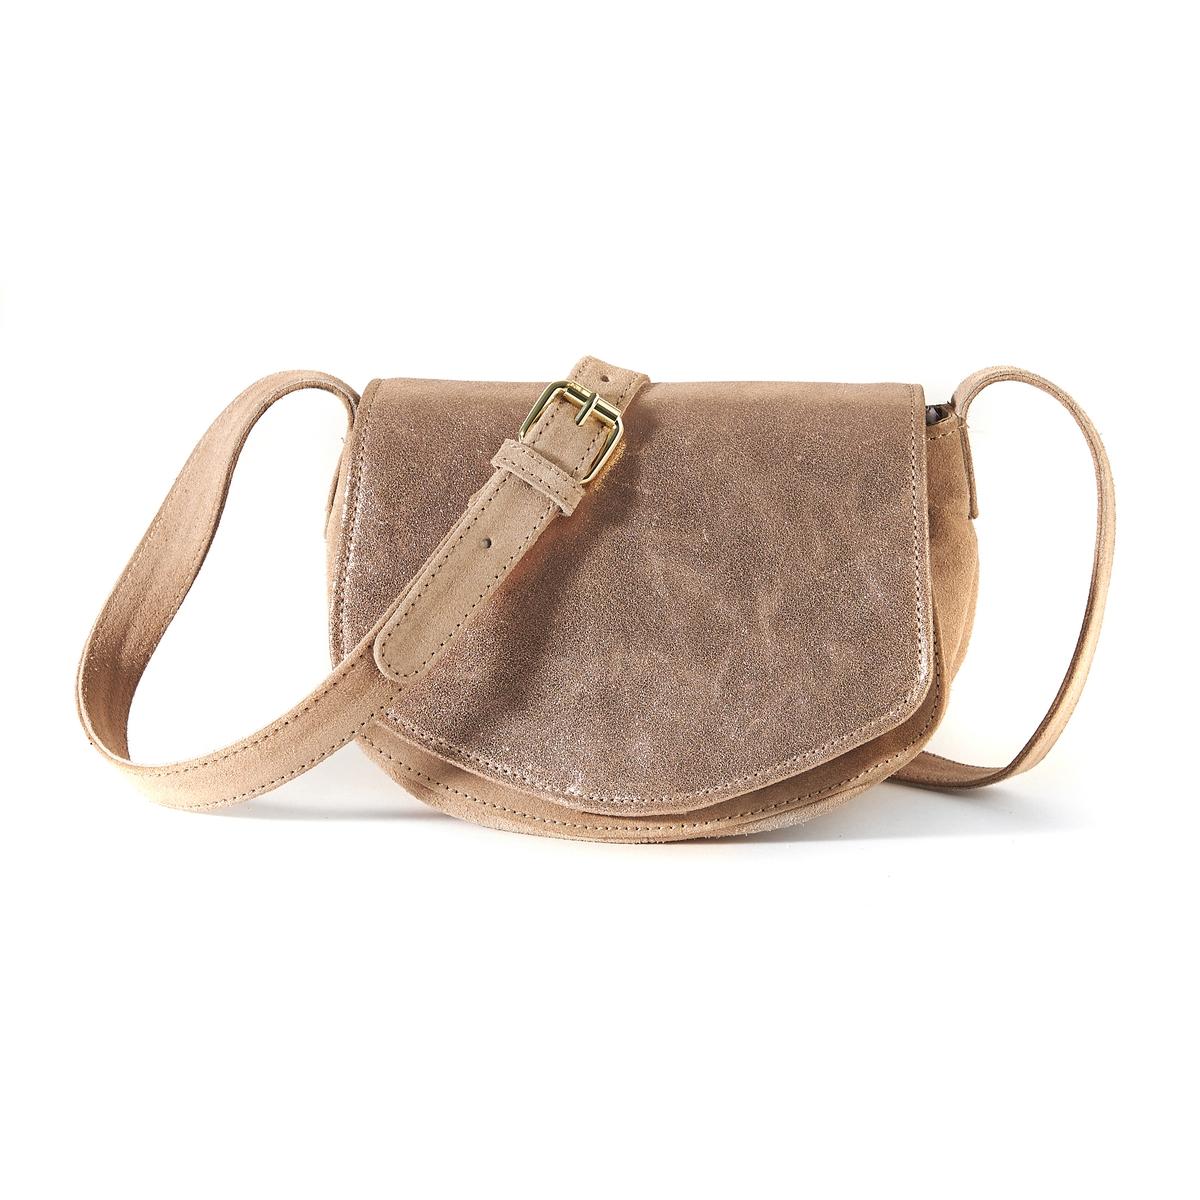 Клатч из кожи с переливамиОписание:Небольшая сумка-клатч из красивой мягкой кожи с переливами, которая придаст нотку женственности и утонченности Вашим нарядам.Состав и описание :Материал верха  : неотделанная кожа (яловичная)           подкладка : текстиль. Размеры : Д22 x В15 x Г13 смЗастежка :  кнопка на магнитеВнутренний карман :  1 карман на молнииРегулируемый плечевой пояс, размеры: В50 смСумка носится:: на плече<br><br>Цвет: розовый с блеском,хаки<br>Размер: единый размер.единый размер